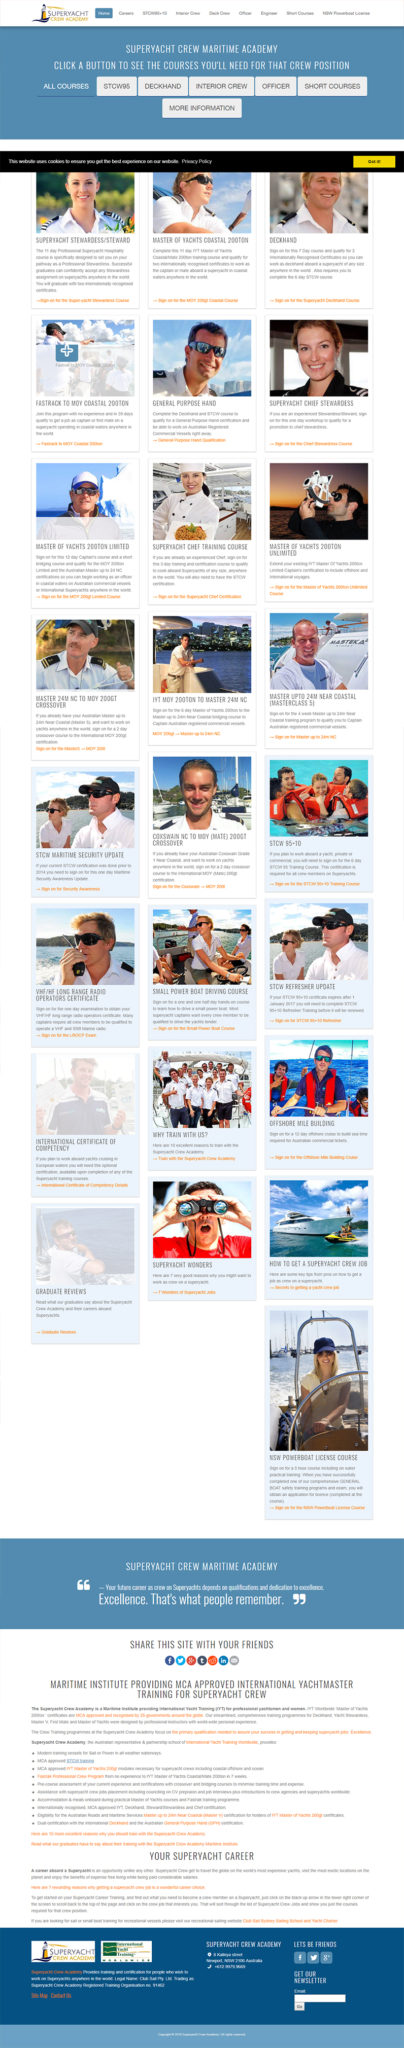 Website Designs For Maritime Institute Crew Training Superyacht